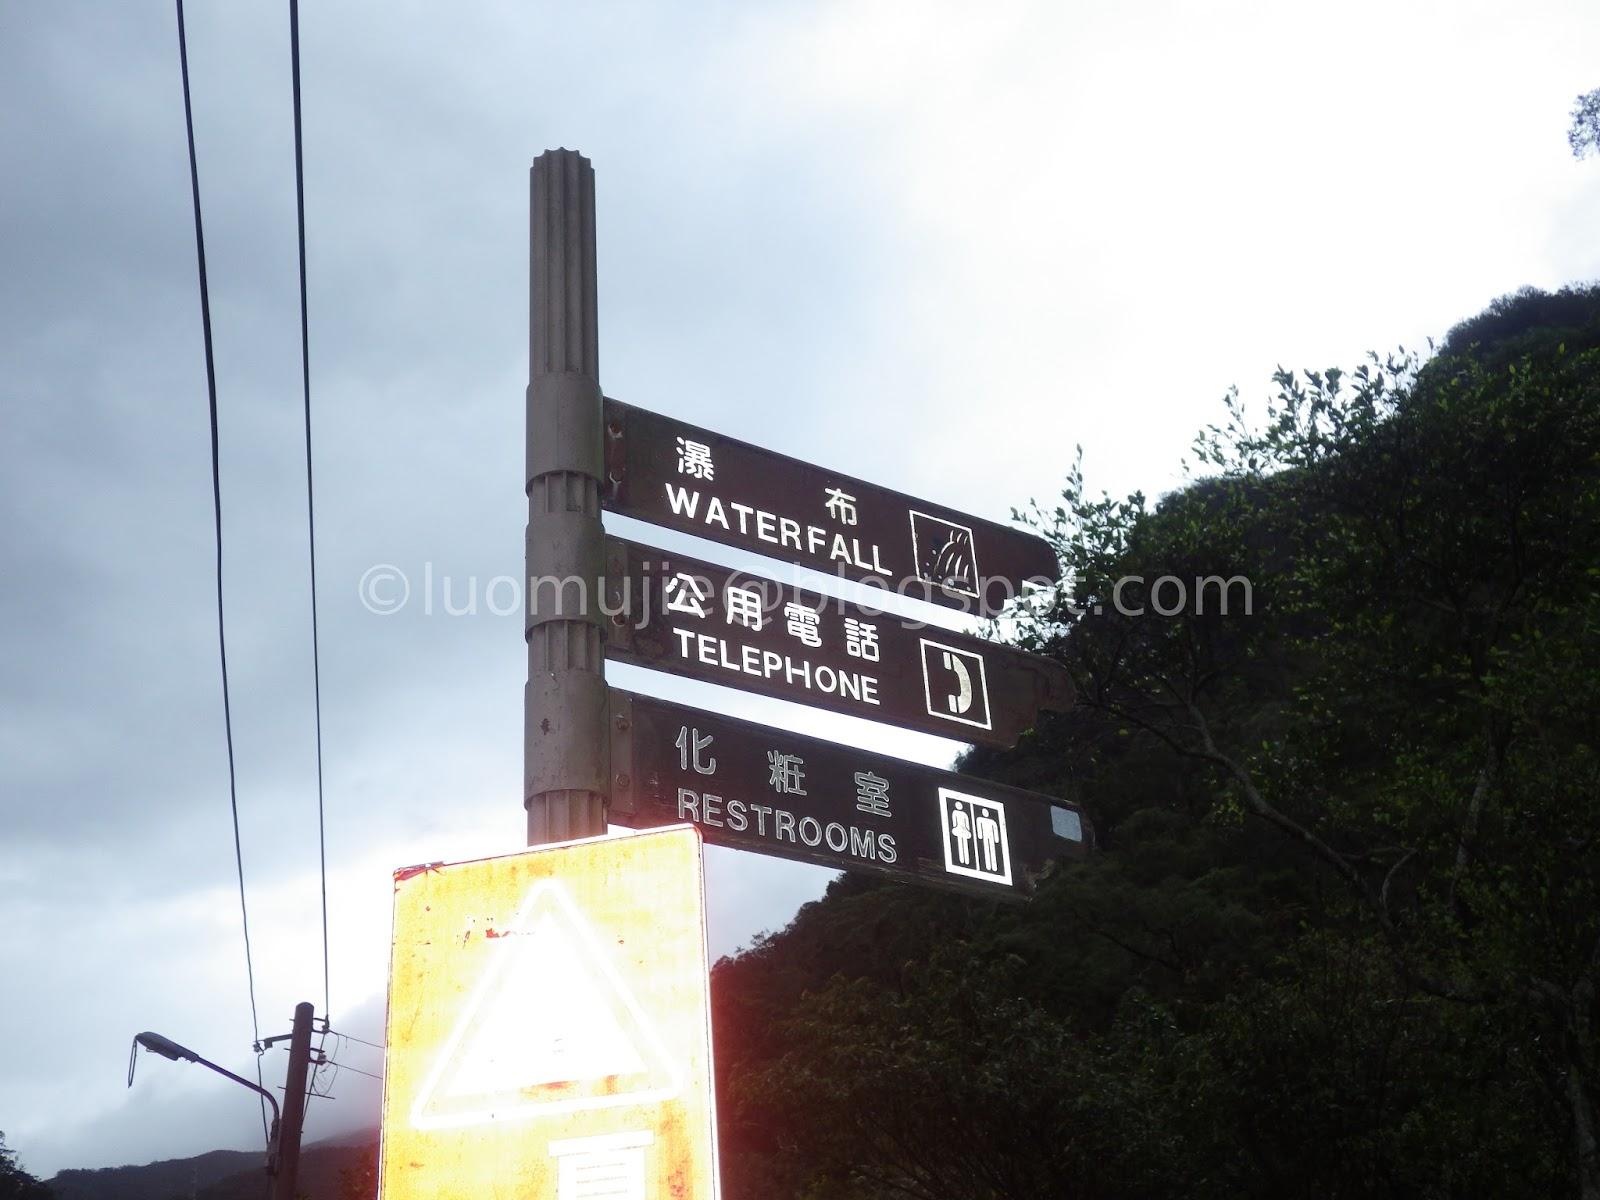 Travel in Asia: Wufengchi Waterfalls (五峰旗瀑布) [Travel in Taiwan ...